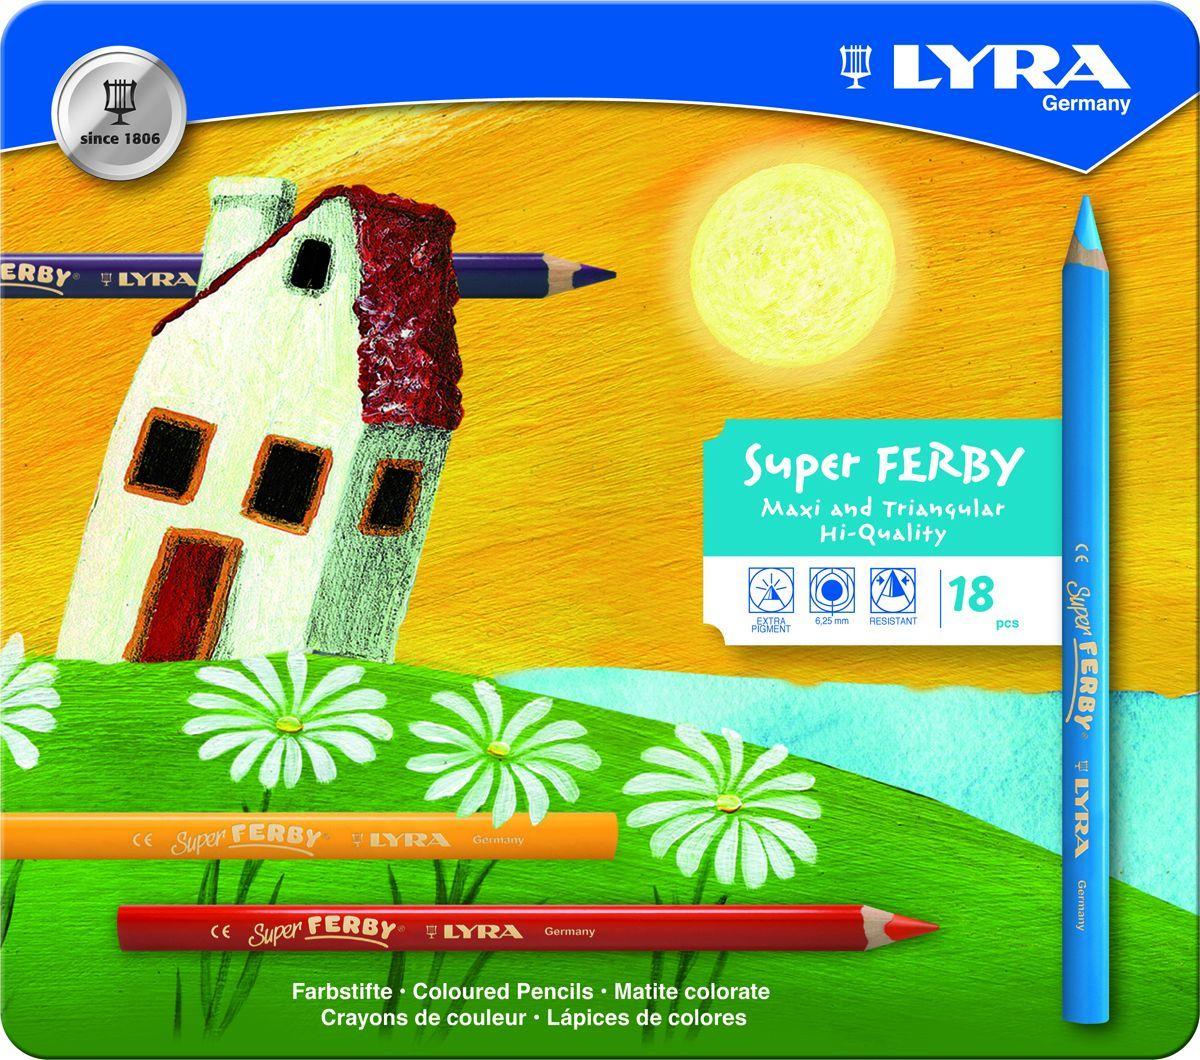 Lyra Набор цветных карандашей Super Ferby 18 штL3721180Набор Lyra Super Ferby включает 18 цветных карандашей. Карандаши имеют эргономичную округло-треугольную форму. Набор включает в себя 12 ярких цветных карандашей.Карандаши изготовлены из натурального сертифицированного дерева, экологически чистые. Имеют ударопрочный неломающийся высокопигментный грифель, не требующий сильного нажатия.Диаметр грифеля 6,25 мм, длина карандаша 175 мм.